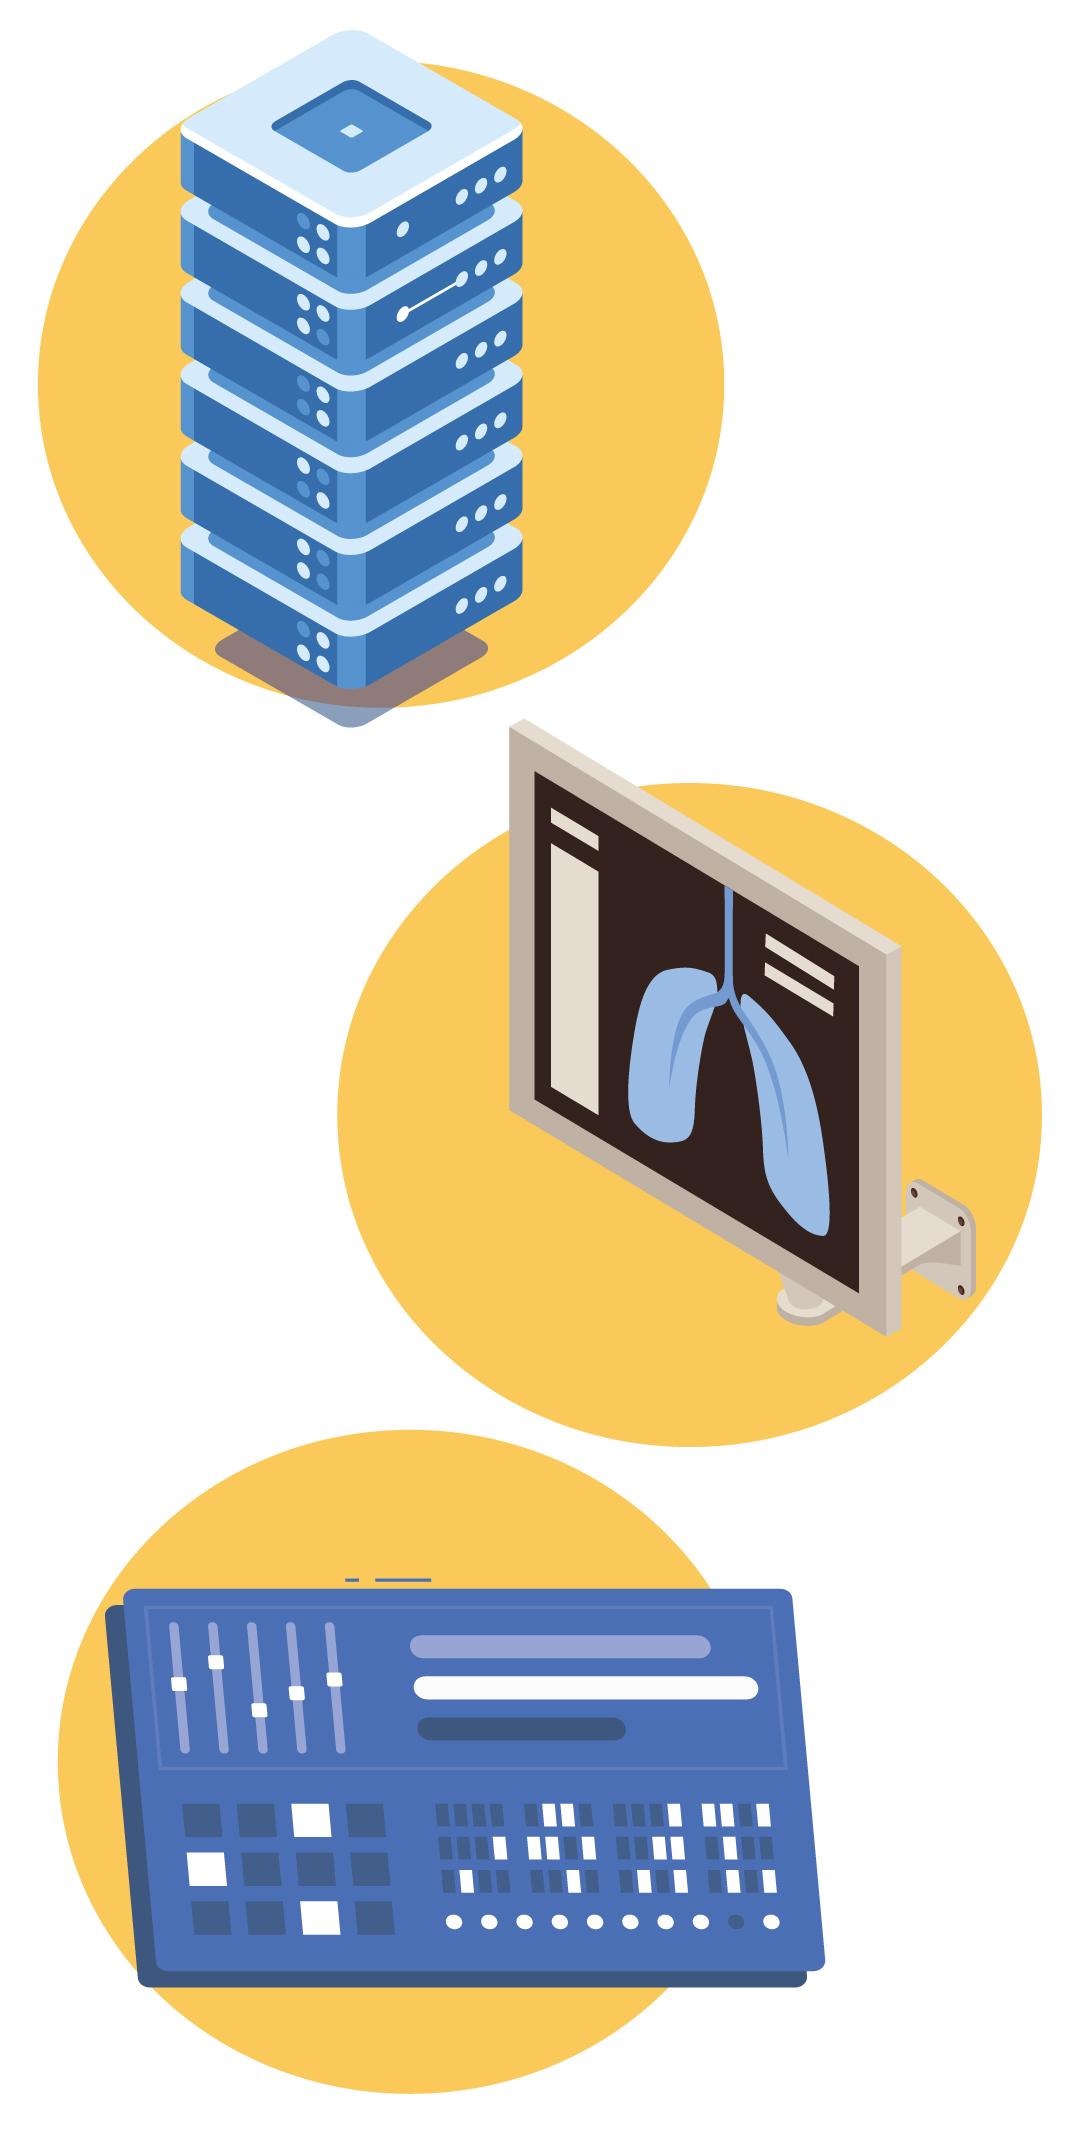 Usos de los UPS